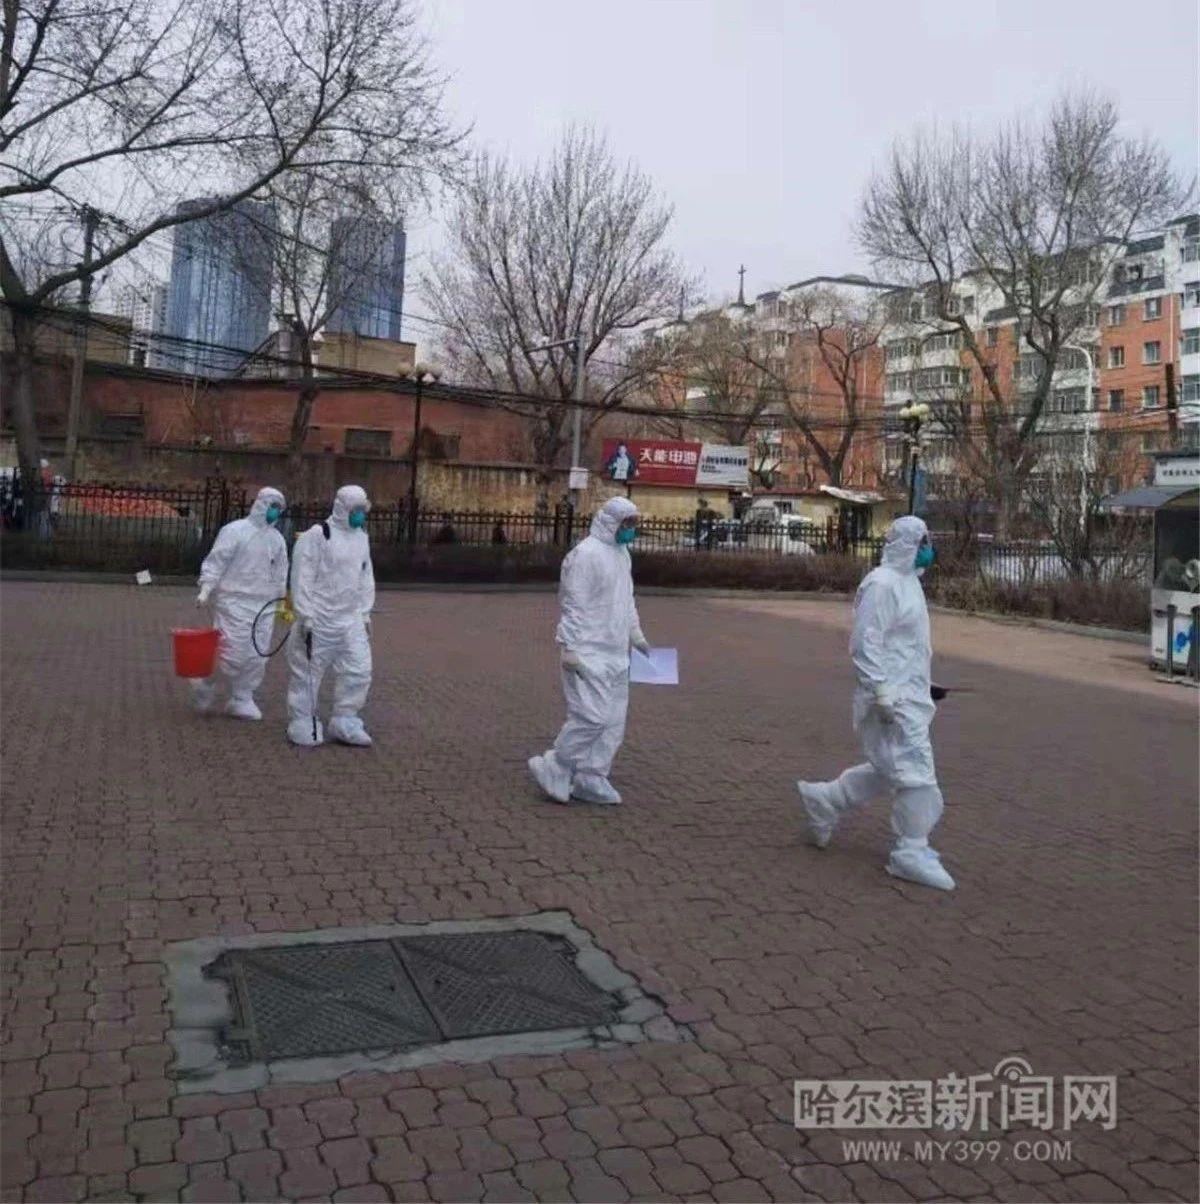 污染物泄漏如何处置?黑龙江省疾控中心启动安全演练